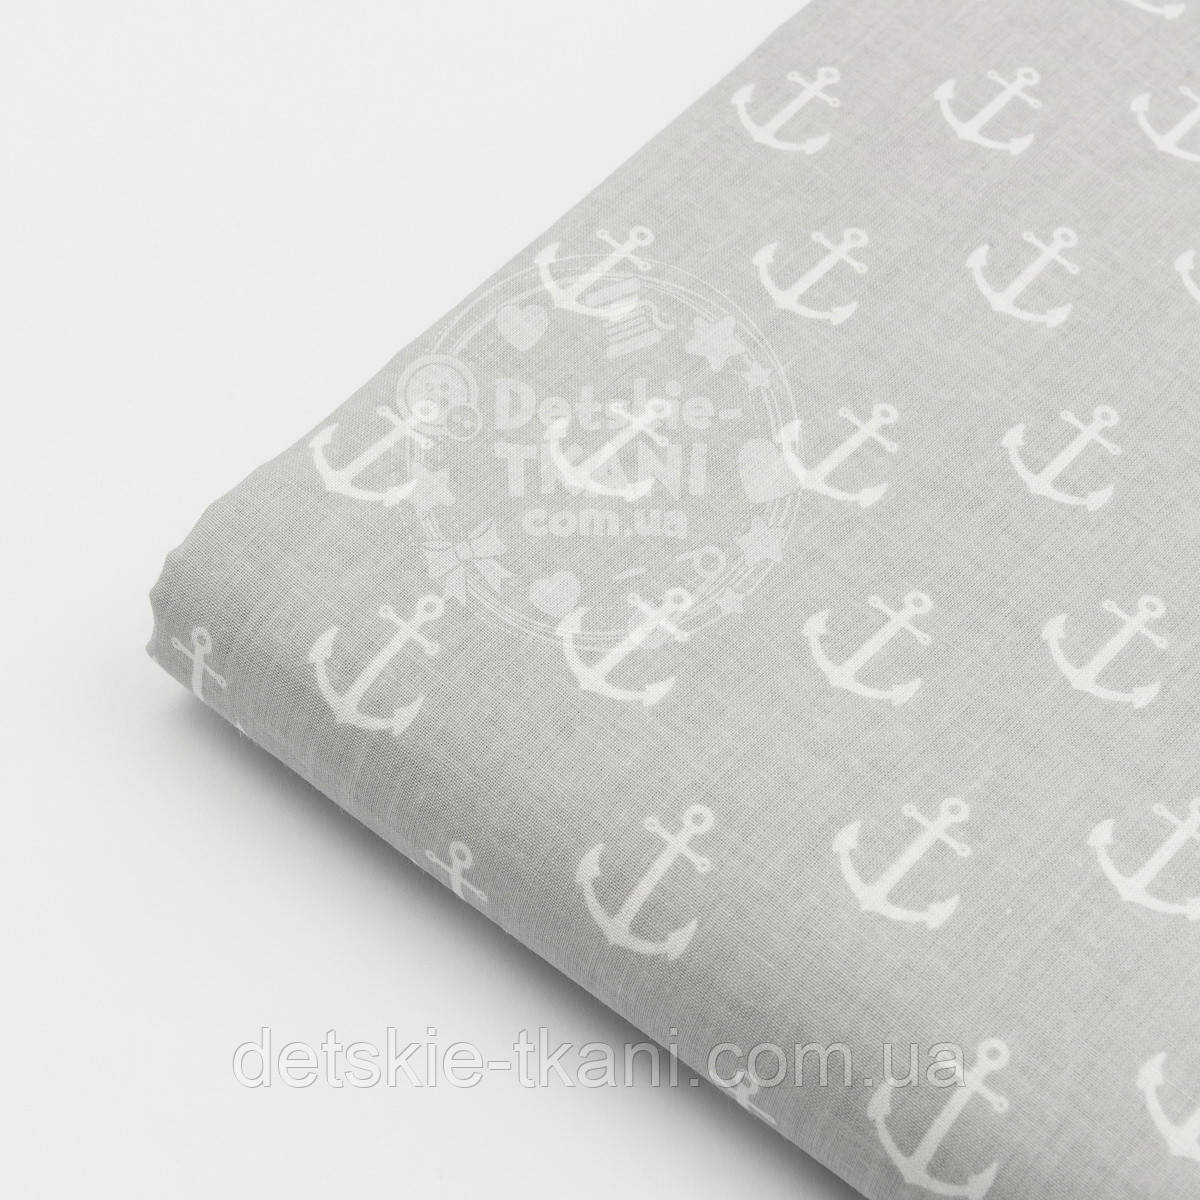 Лоскут ткани №173а размером 33*80 см